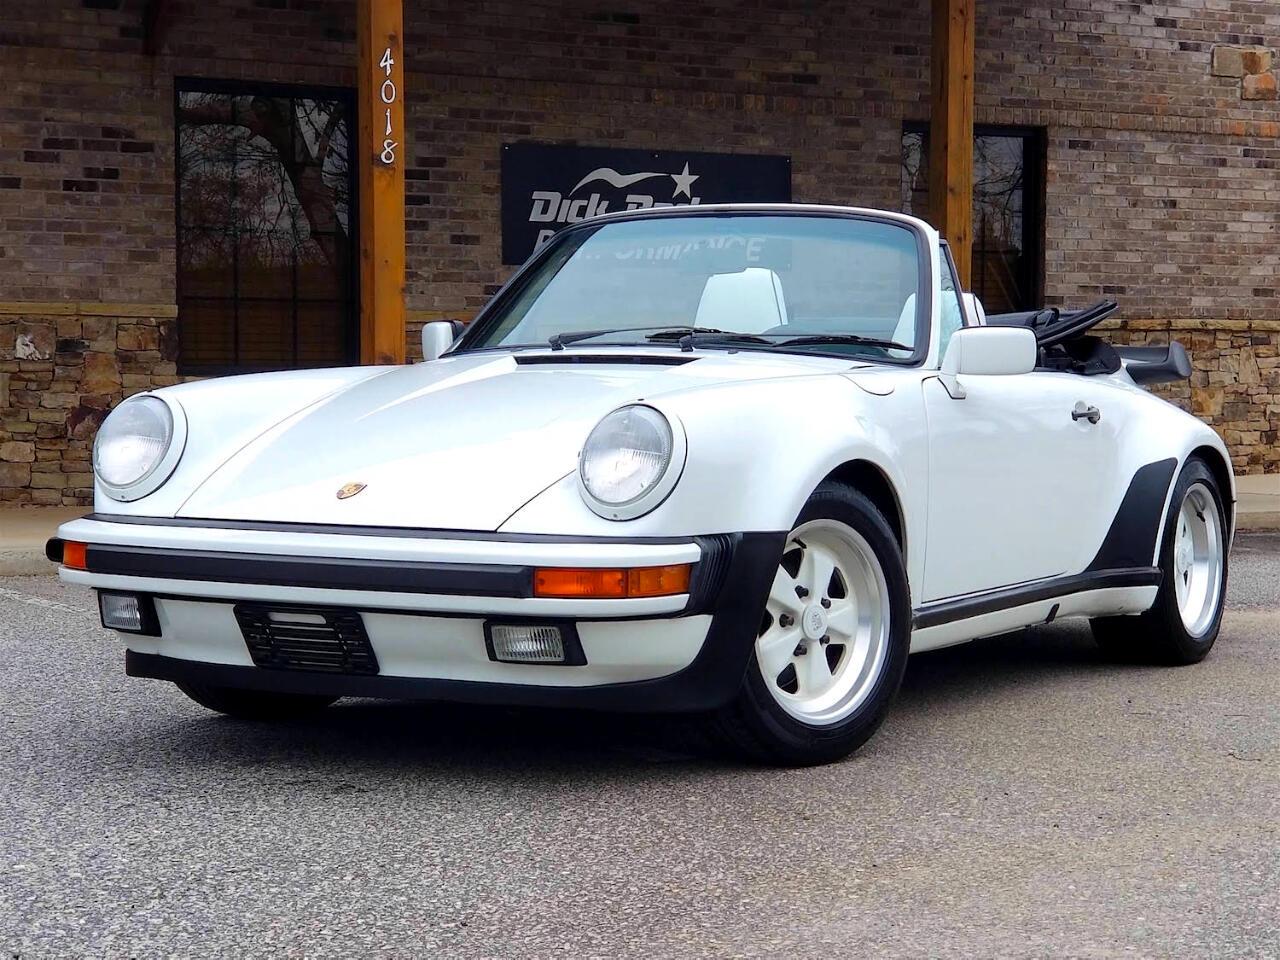 1988 Porsche 911 Carrera Cabriolet Factory Widebody M491